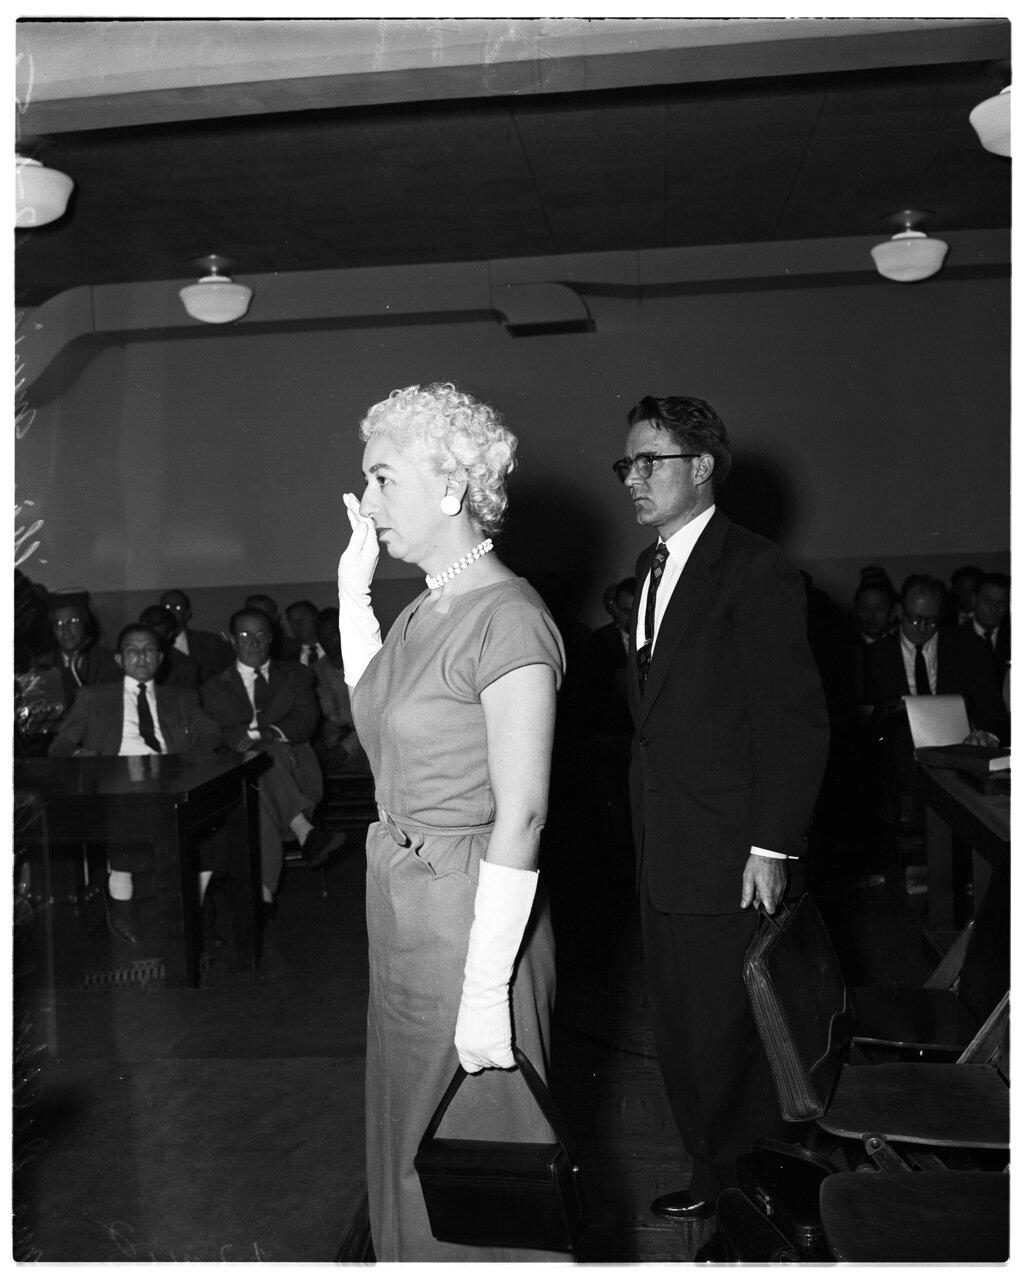 1956. 6 декабря. Комиссия по расследованию антиамериканской деятельности. Дельфина Мерфи Смит. Адвокат Уильям Б. Мариш (за ней)